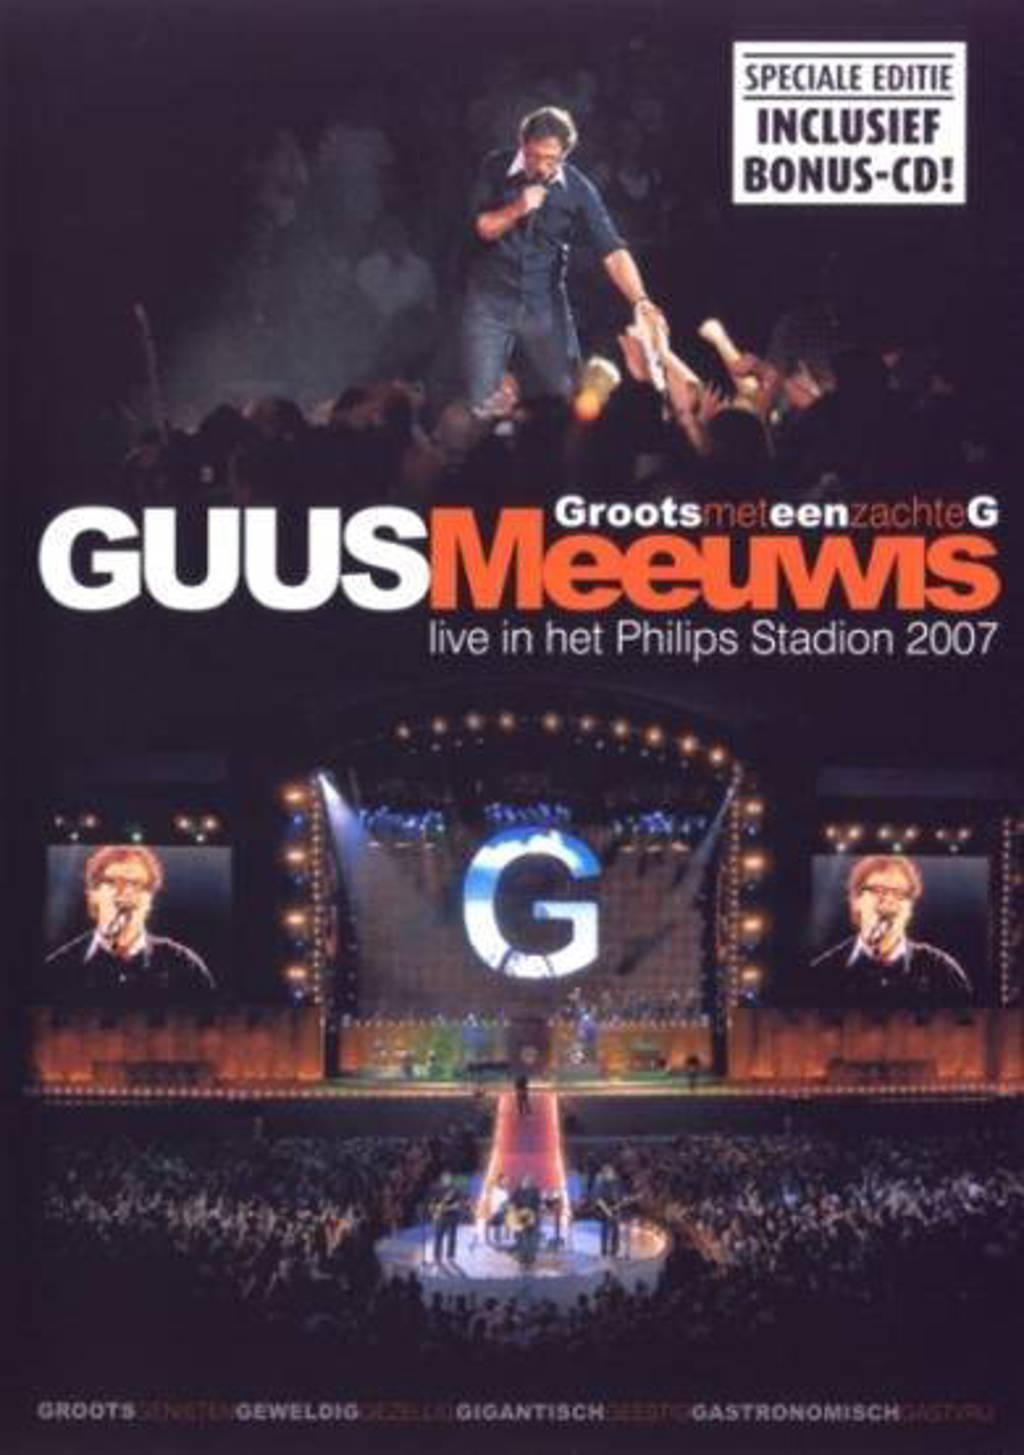 Guus Meeuwis - Groots met een zachte G 2007 (DVD)